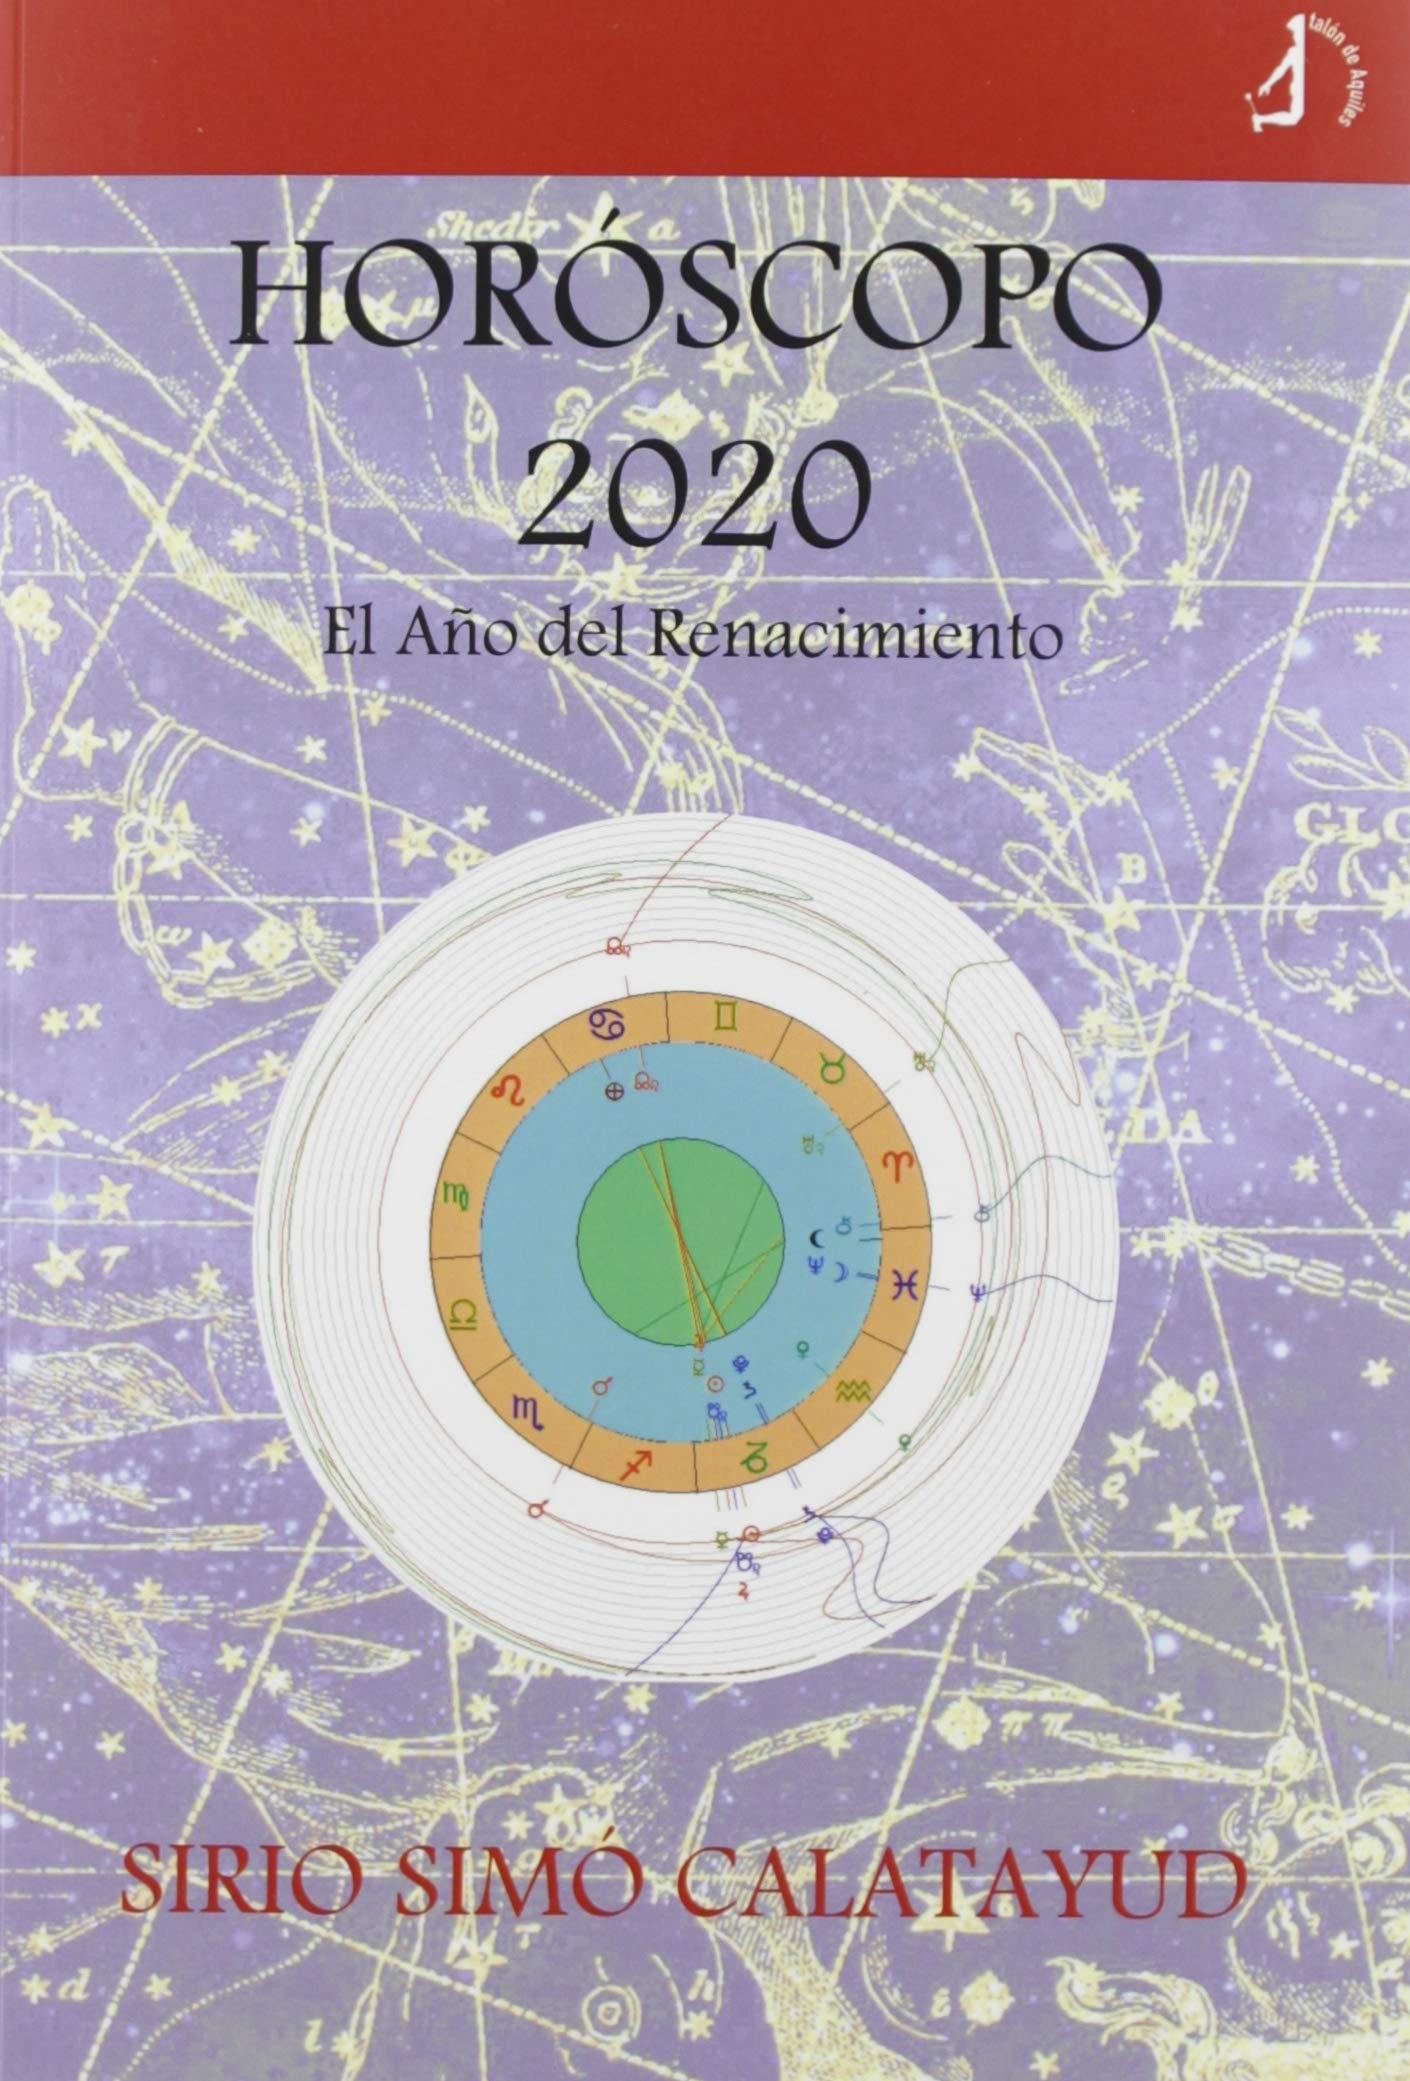 Horóscopo 2020. El Año del Renacimiento: El año de renacimiento